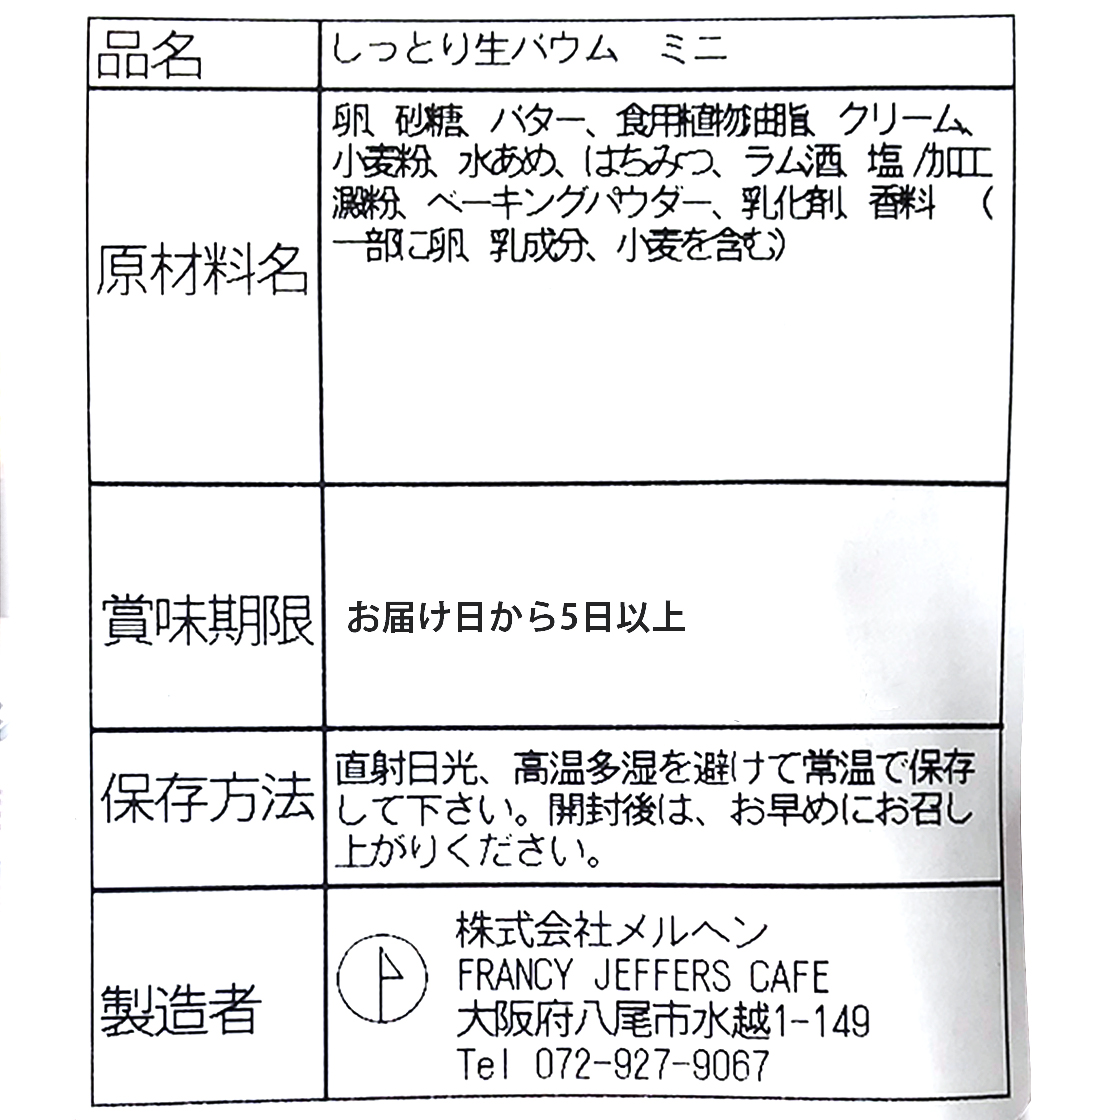 しっとり生バウムミニ 3個入り[フランシージェファーズ] 17